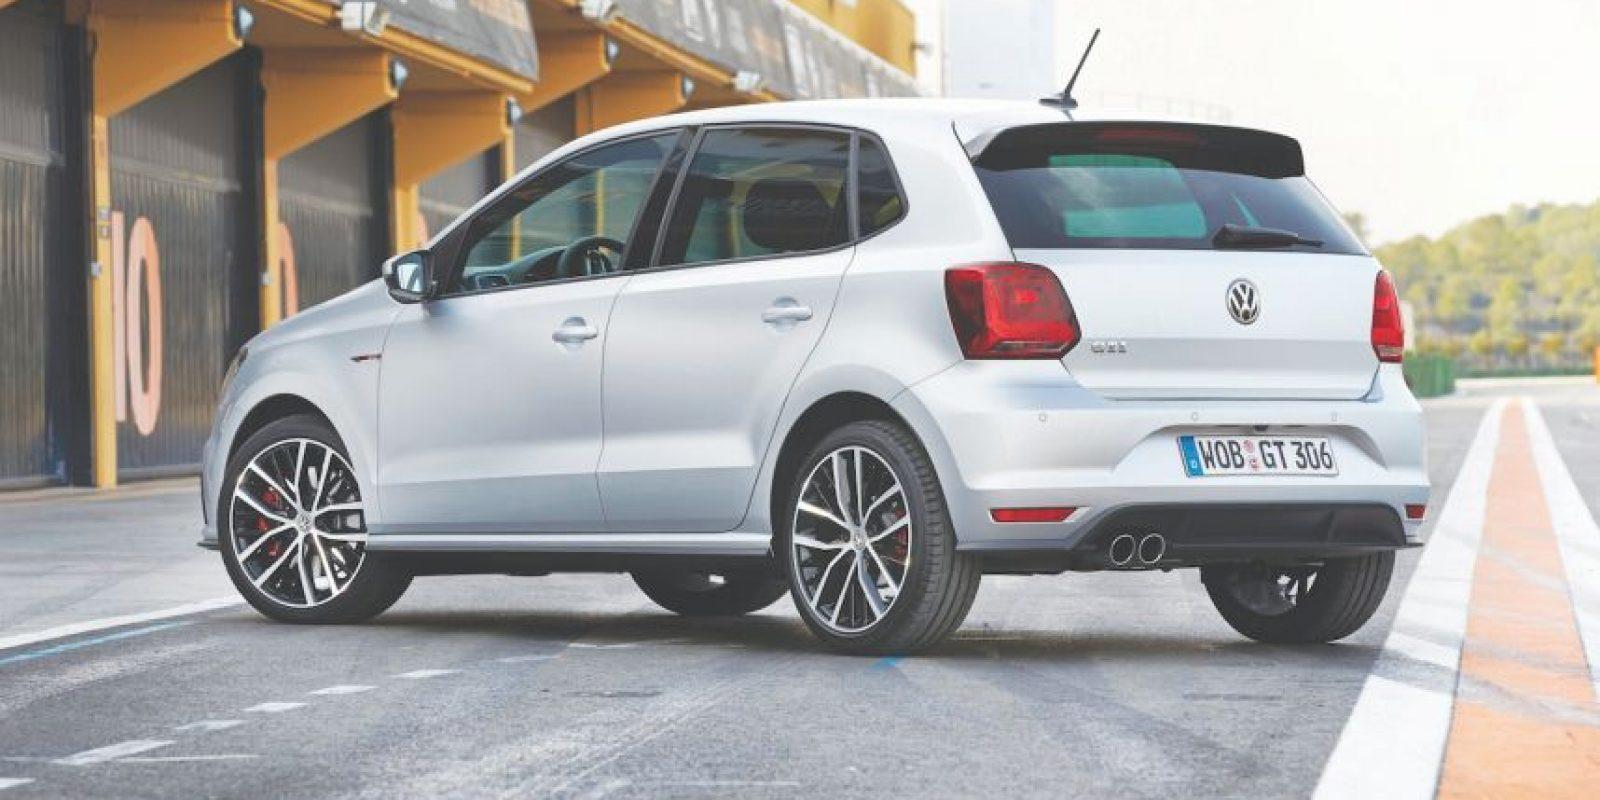 Foto:VW